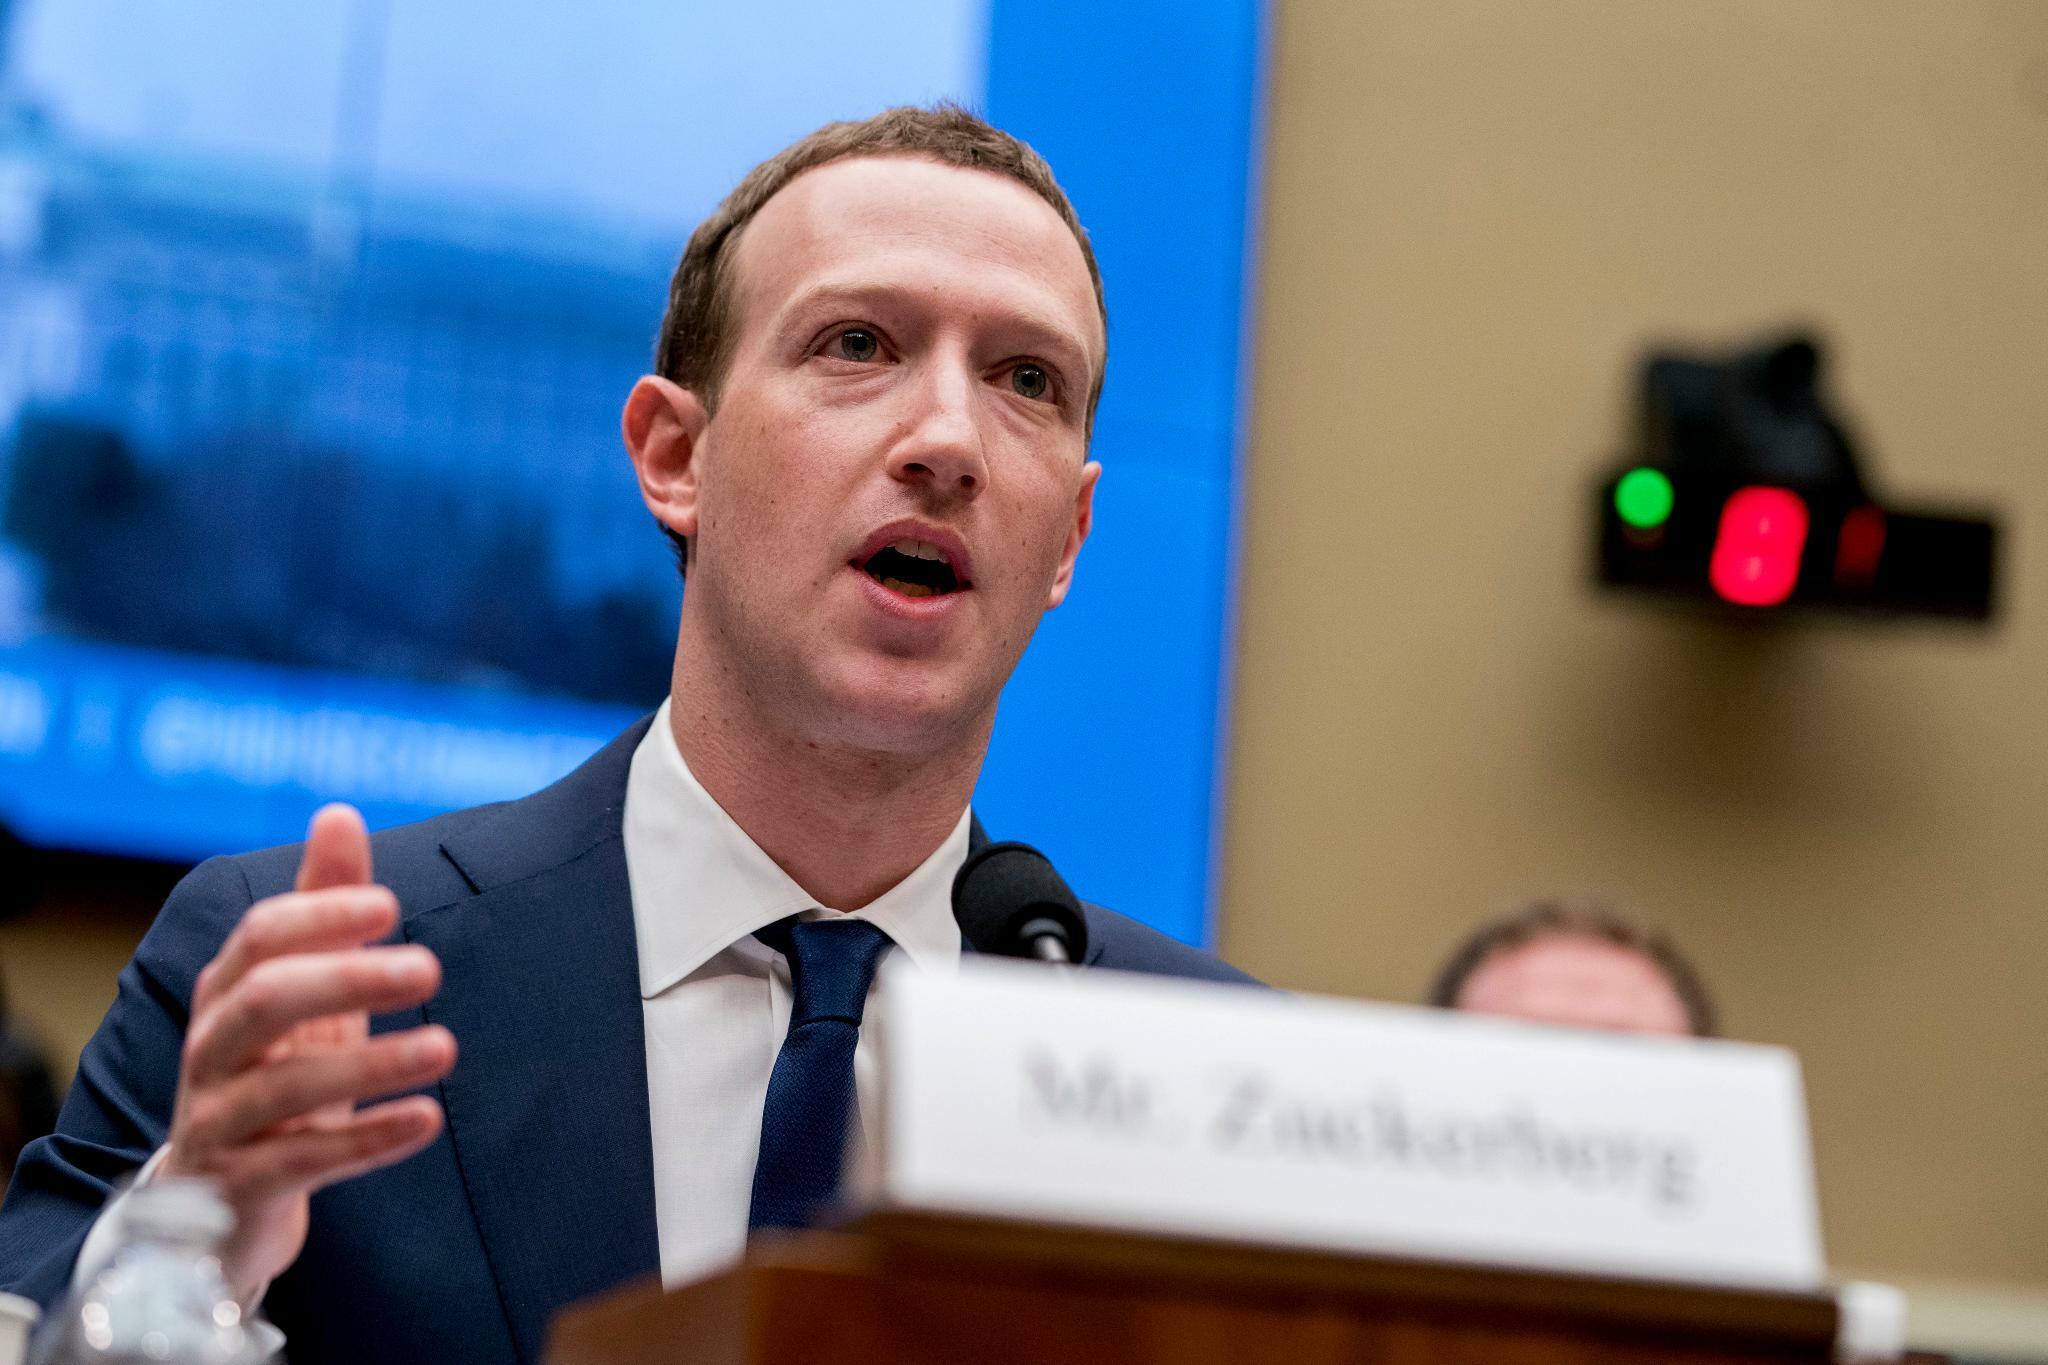 Soziales Netzwerk: Facebook startet großangelegte Werbekampagne in Deutschland